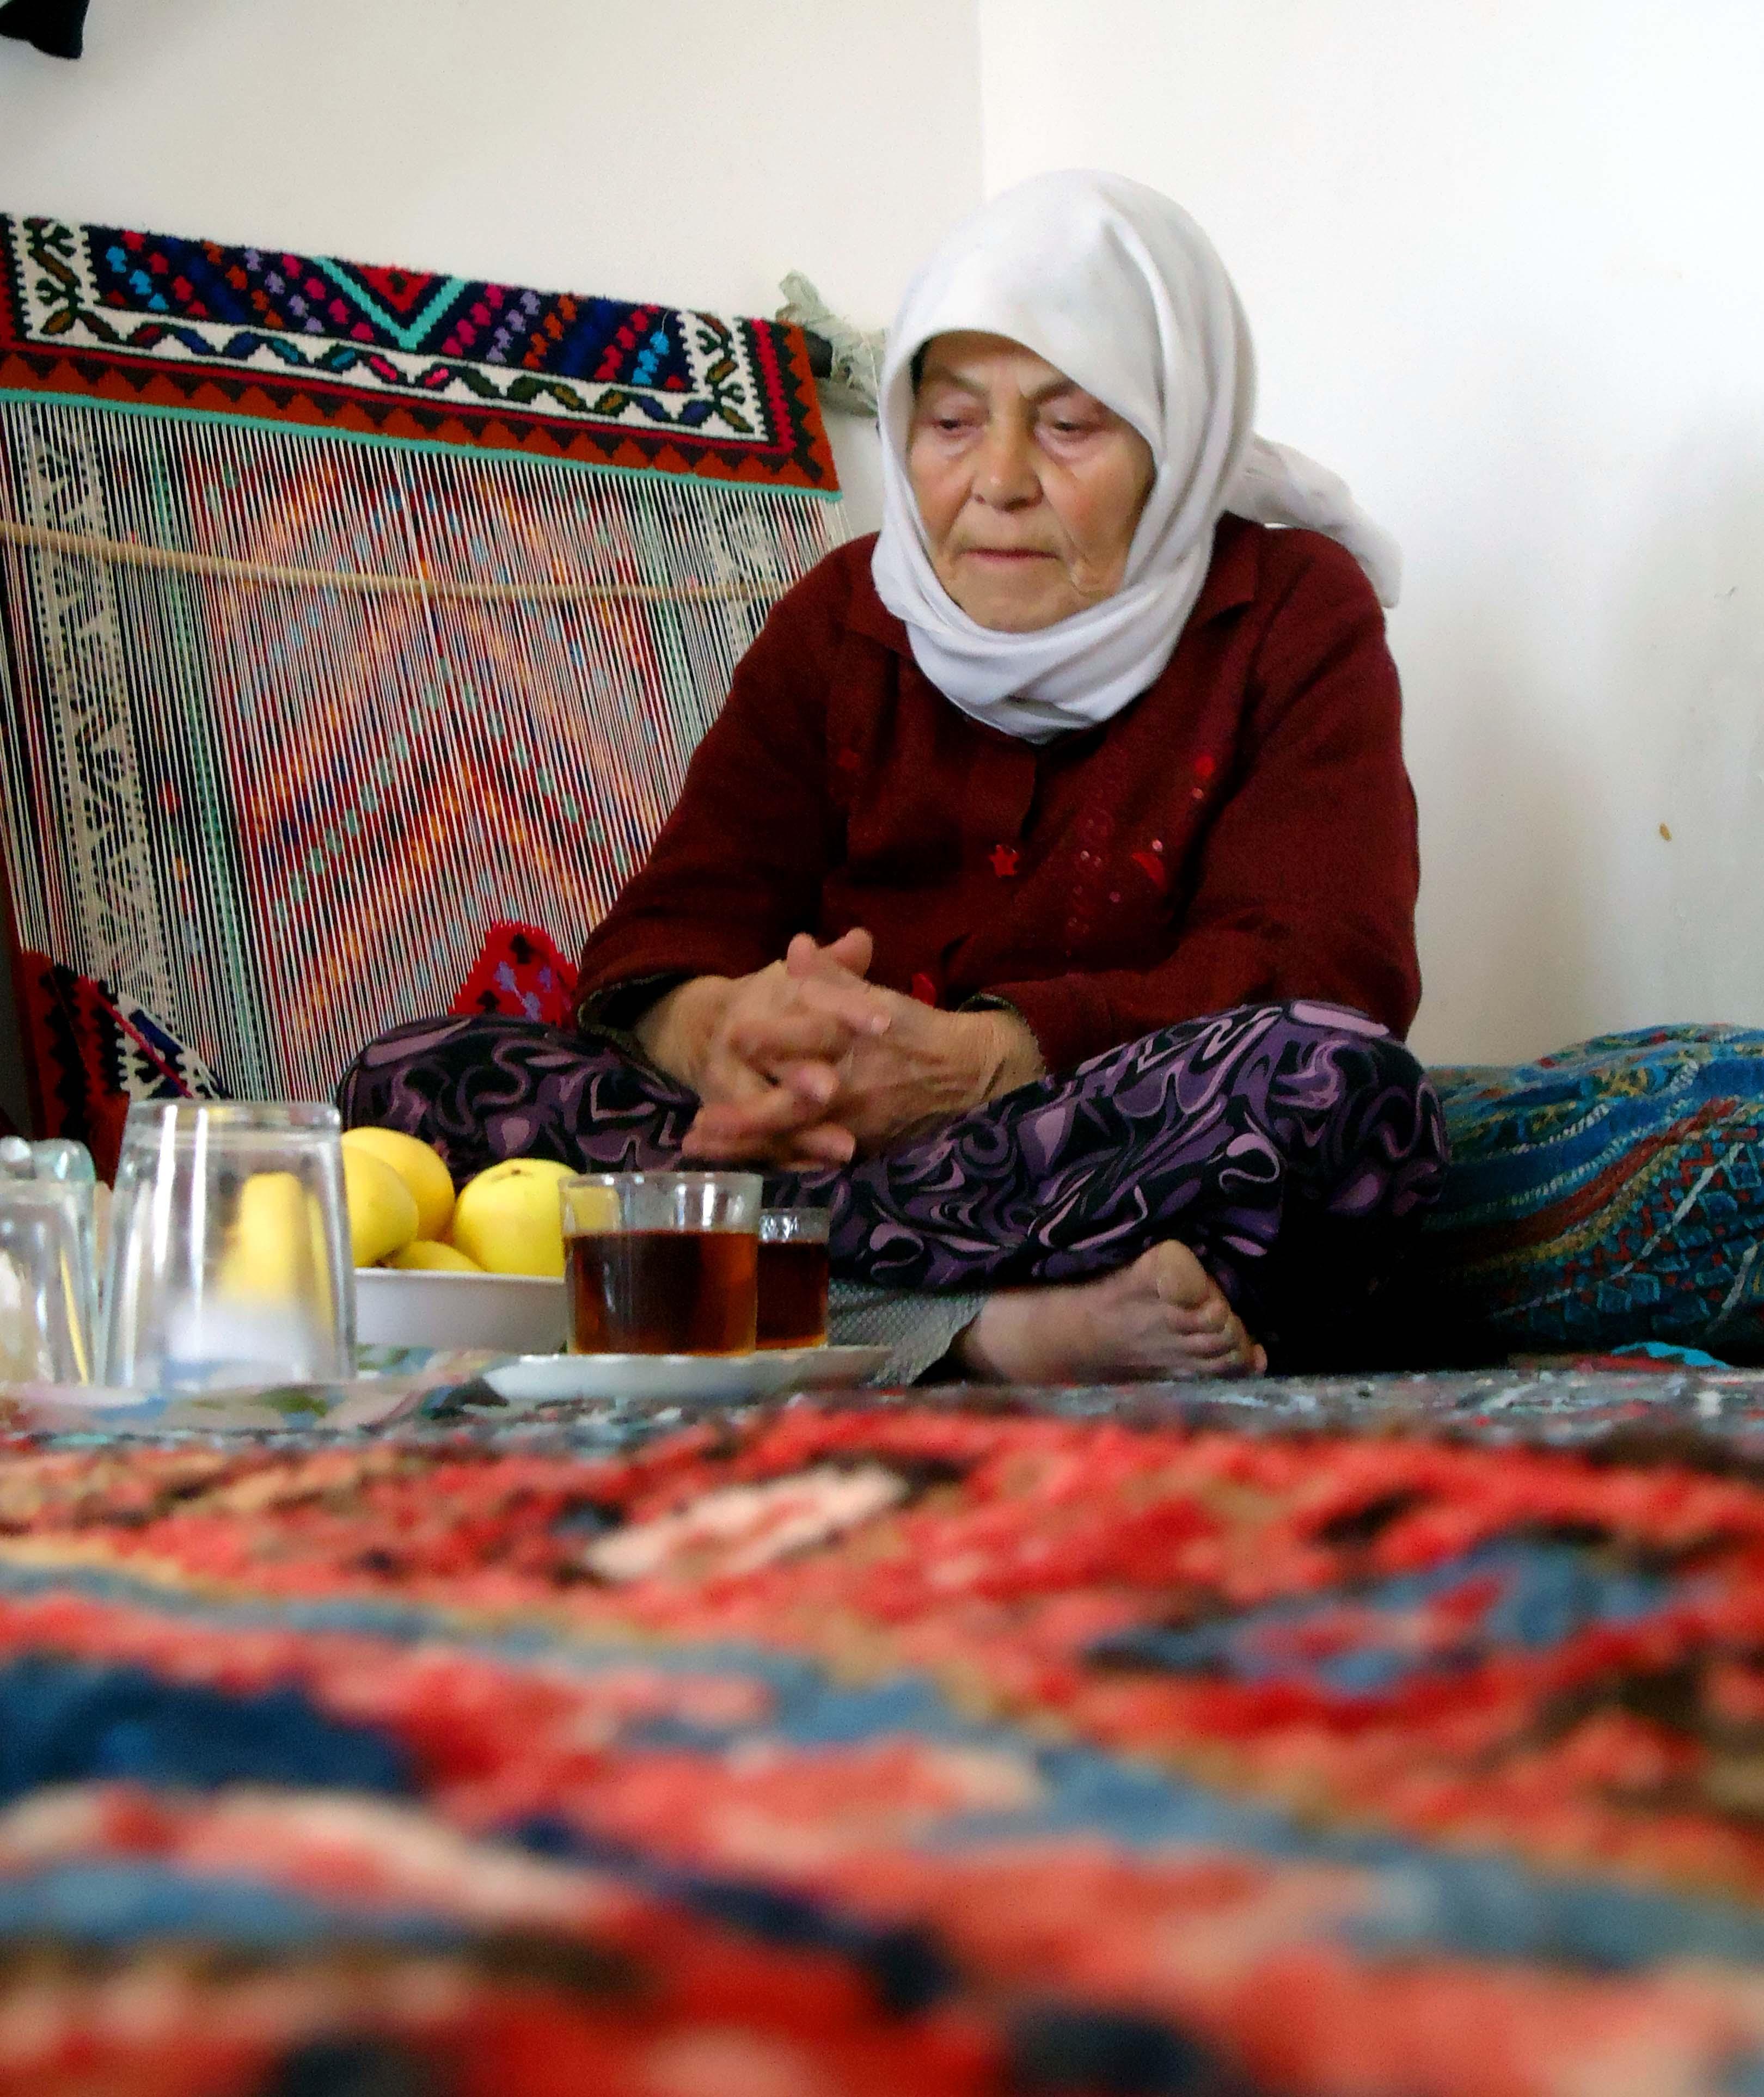 درد دل مادر داغدیده ای که فرزندش اسیر فرقه ی رجوی است :